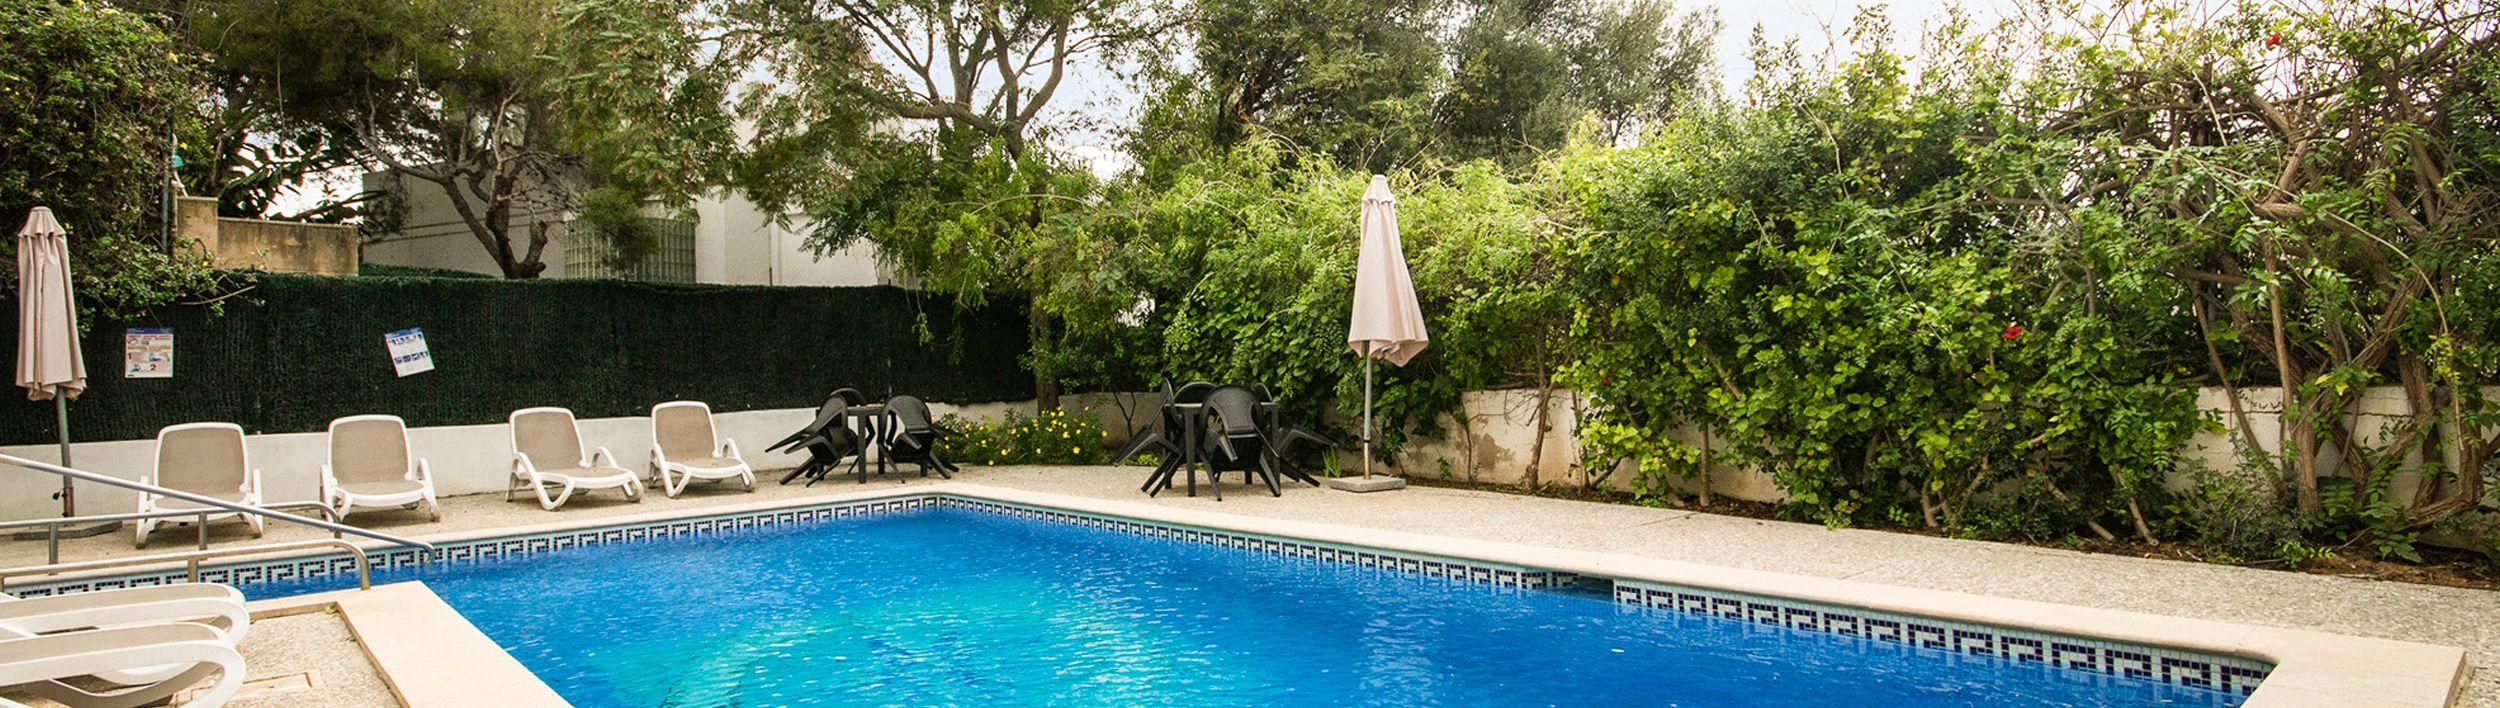 Häuser und Wohnungen bis 450.000 euros zum Kauf